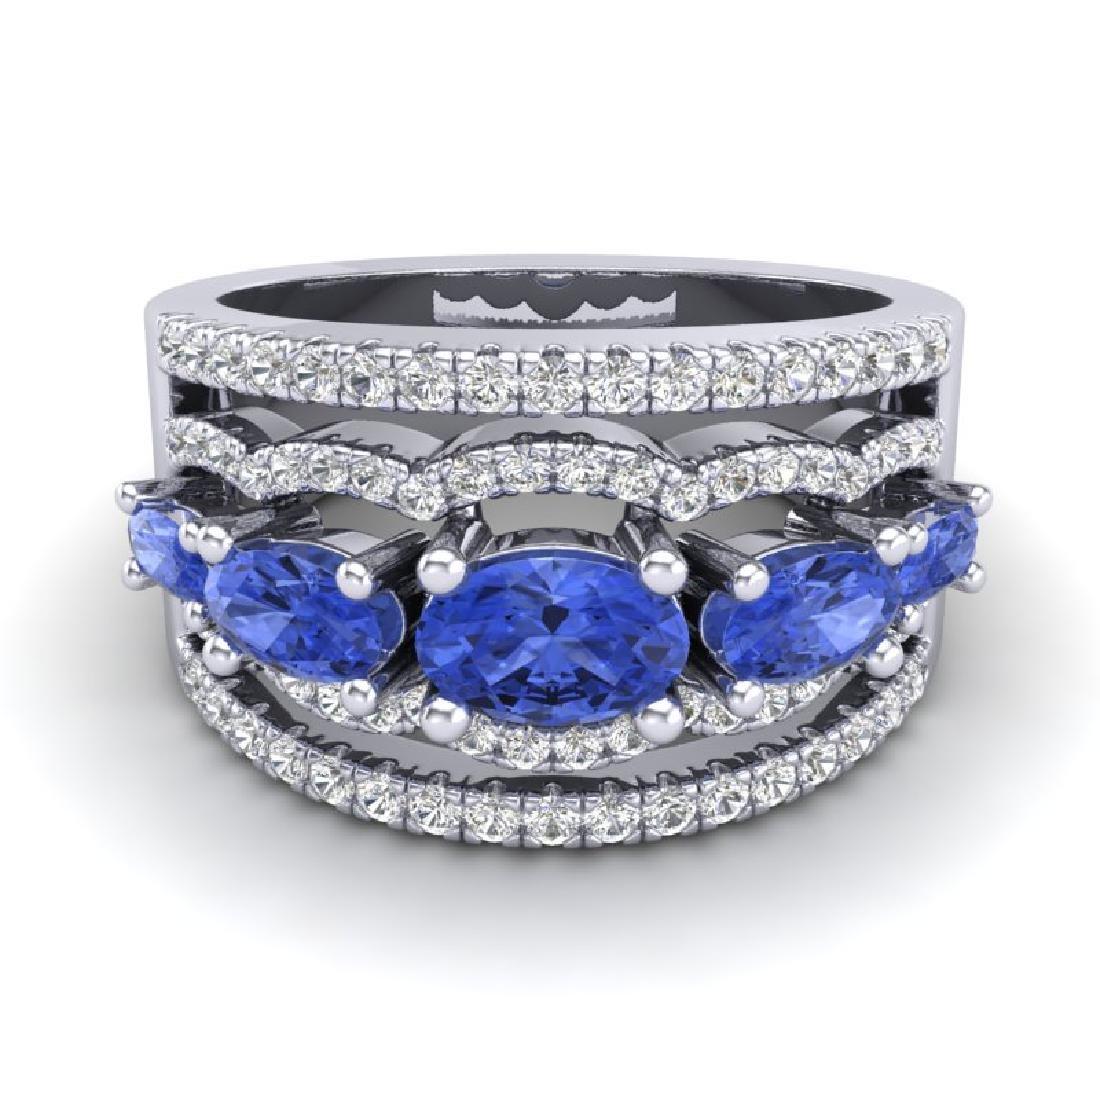 2.25 CTW Tanzanite & Micro Pave VS/SI Diamond Designer